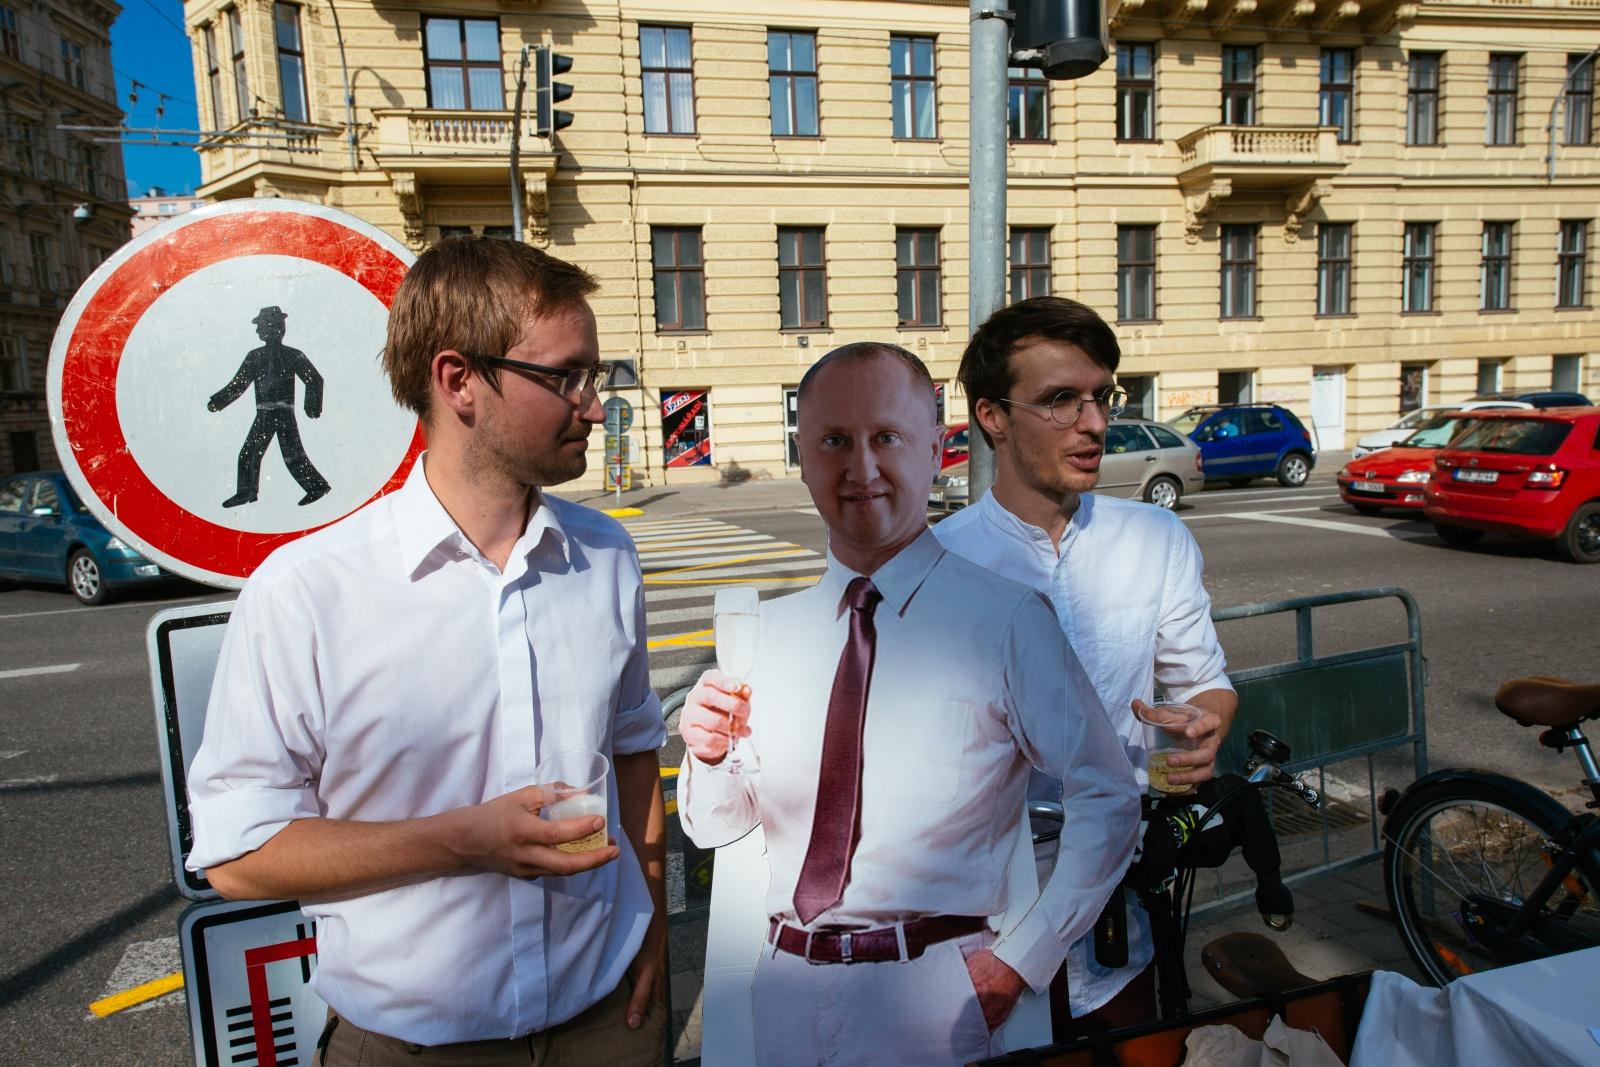 TZ: Občané požadují obnovení přechodů a Brno bez bariér